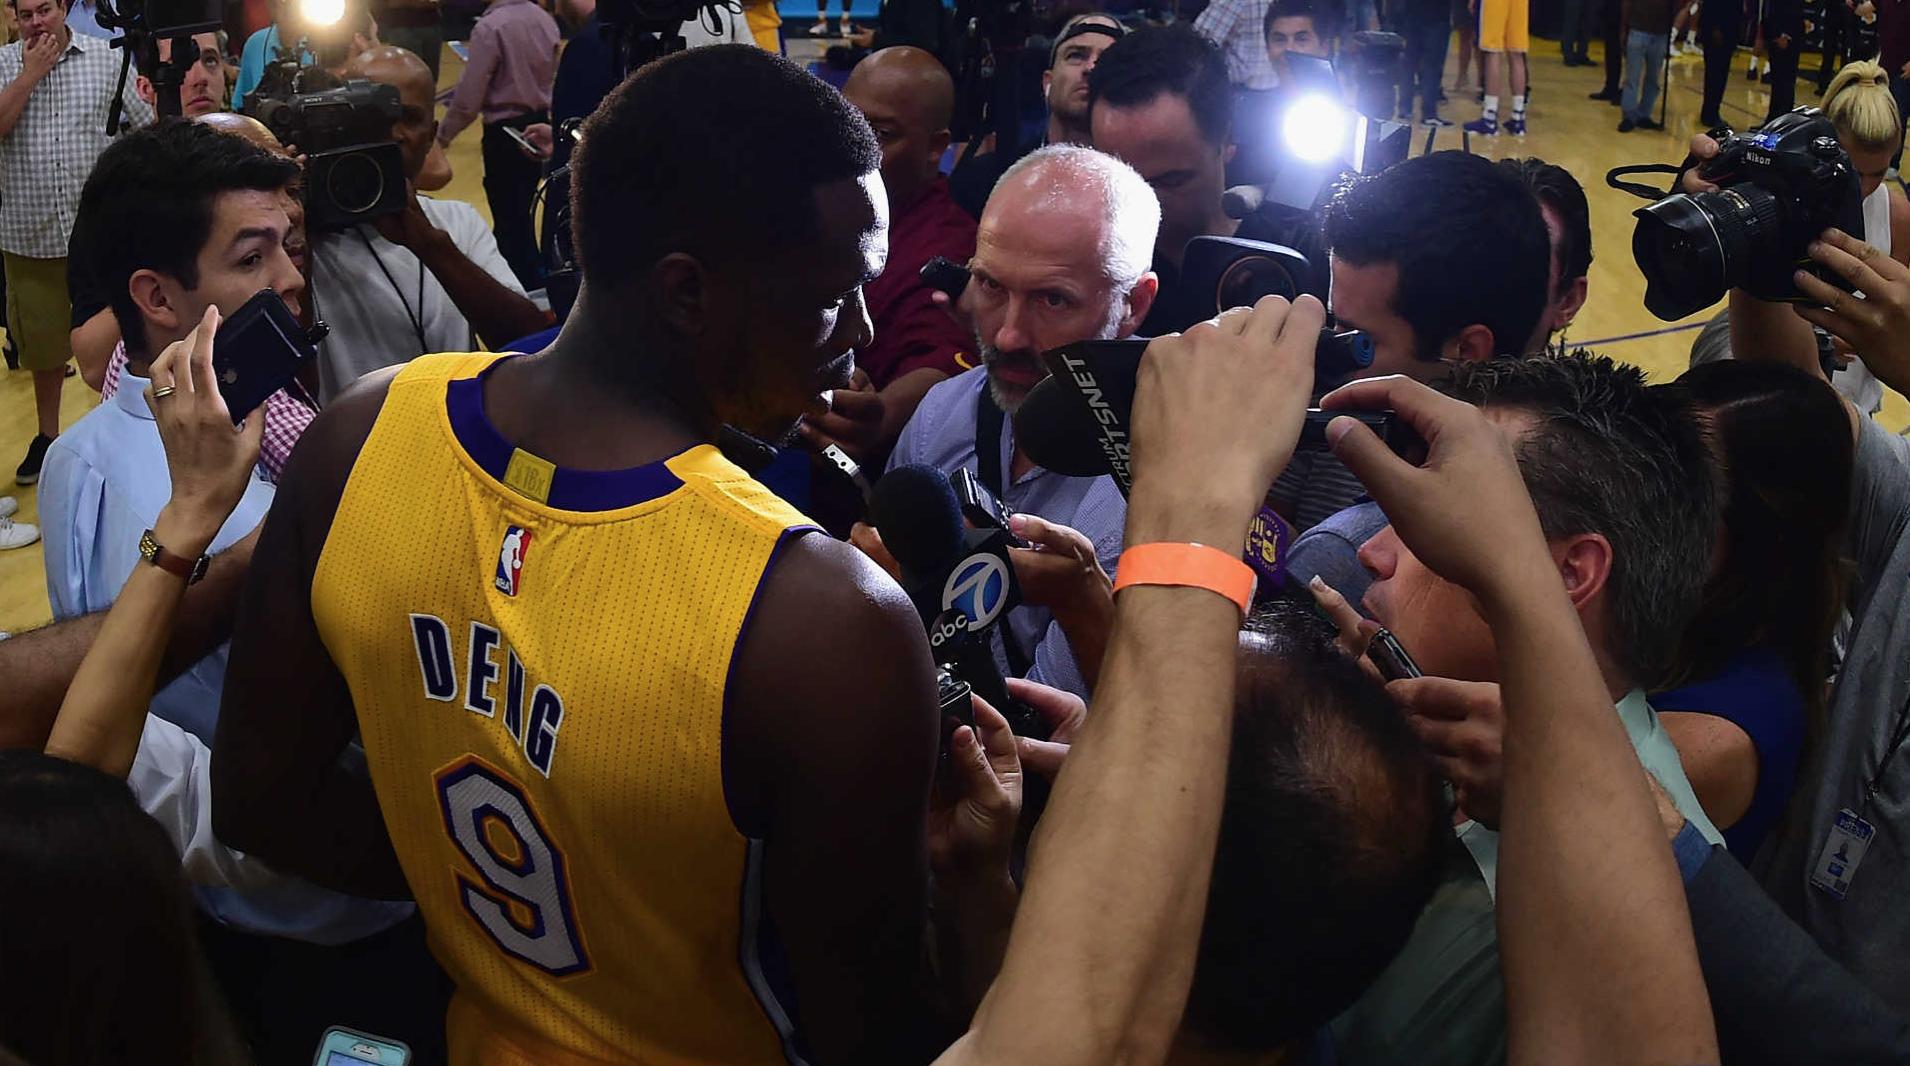 Đẩy đi thành công quả tạ triệu đô Luol Deng, người hâm mộ Los Angeles Lakers mừng hết lớn - Ảnh 5.